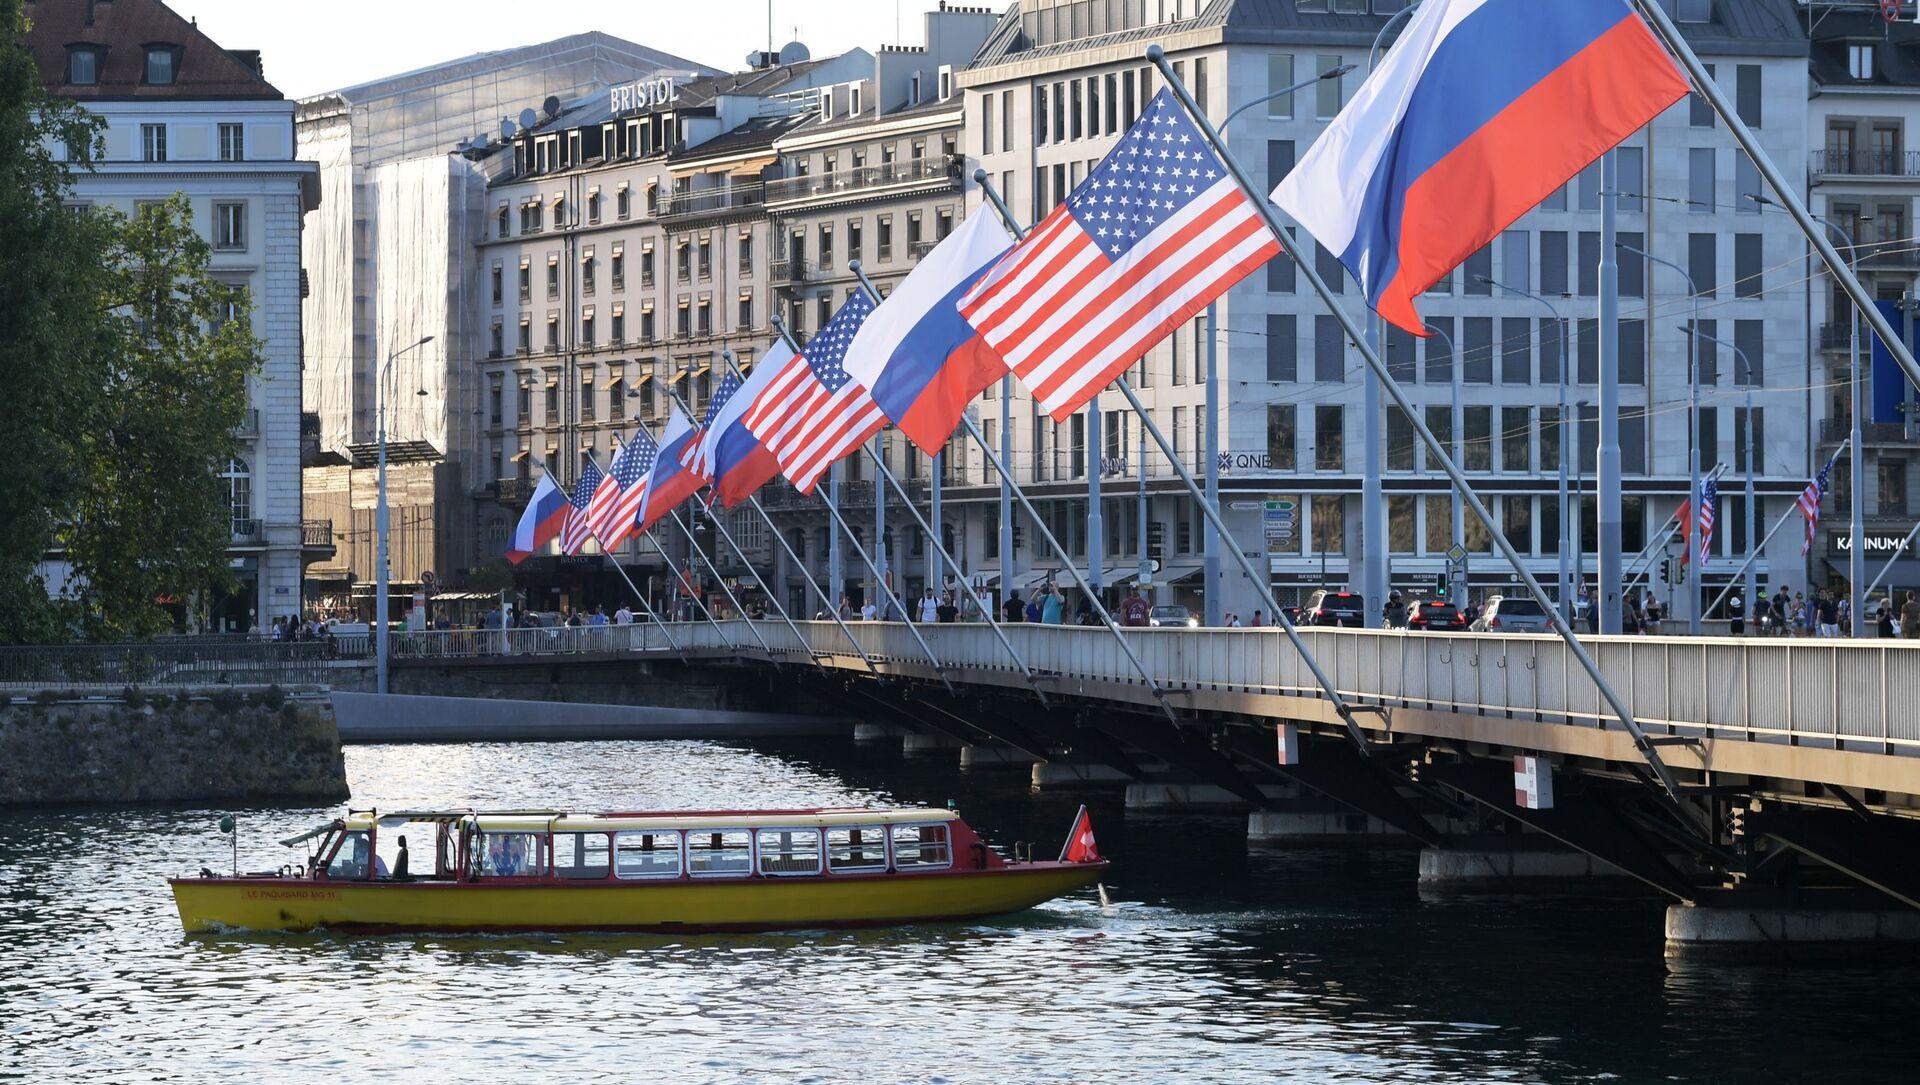 Les drapeaux russe et américain sur le pont du Mont-Blanc à Genève à l'occasion du sommet Poutine-Biden - Sputnik France, 1920, 16.06.2021